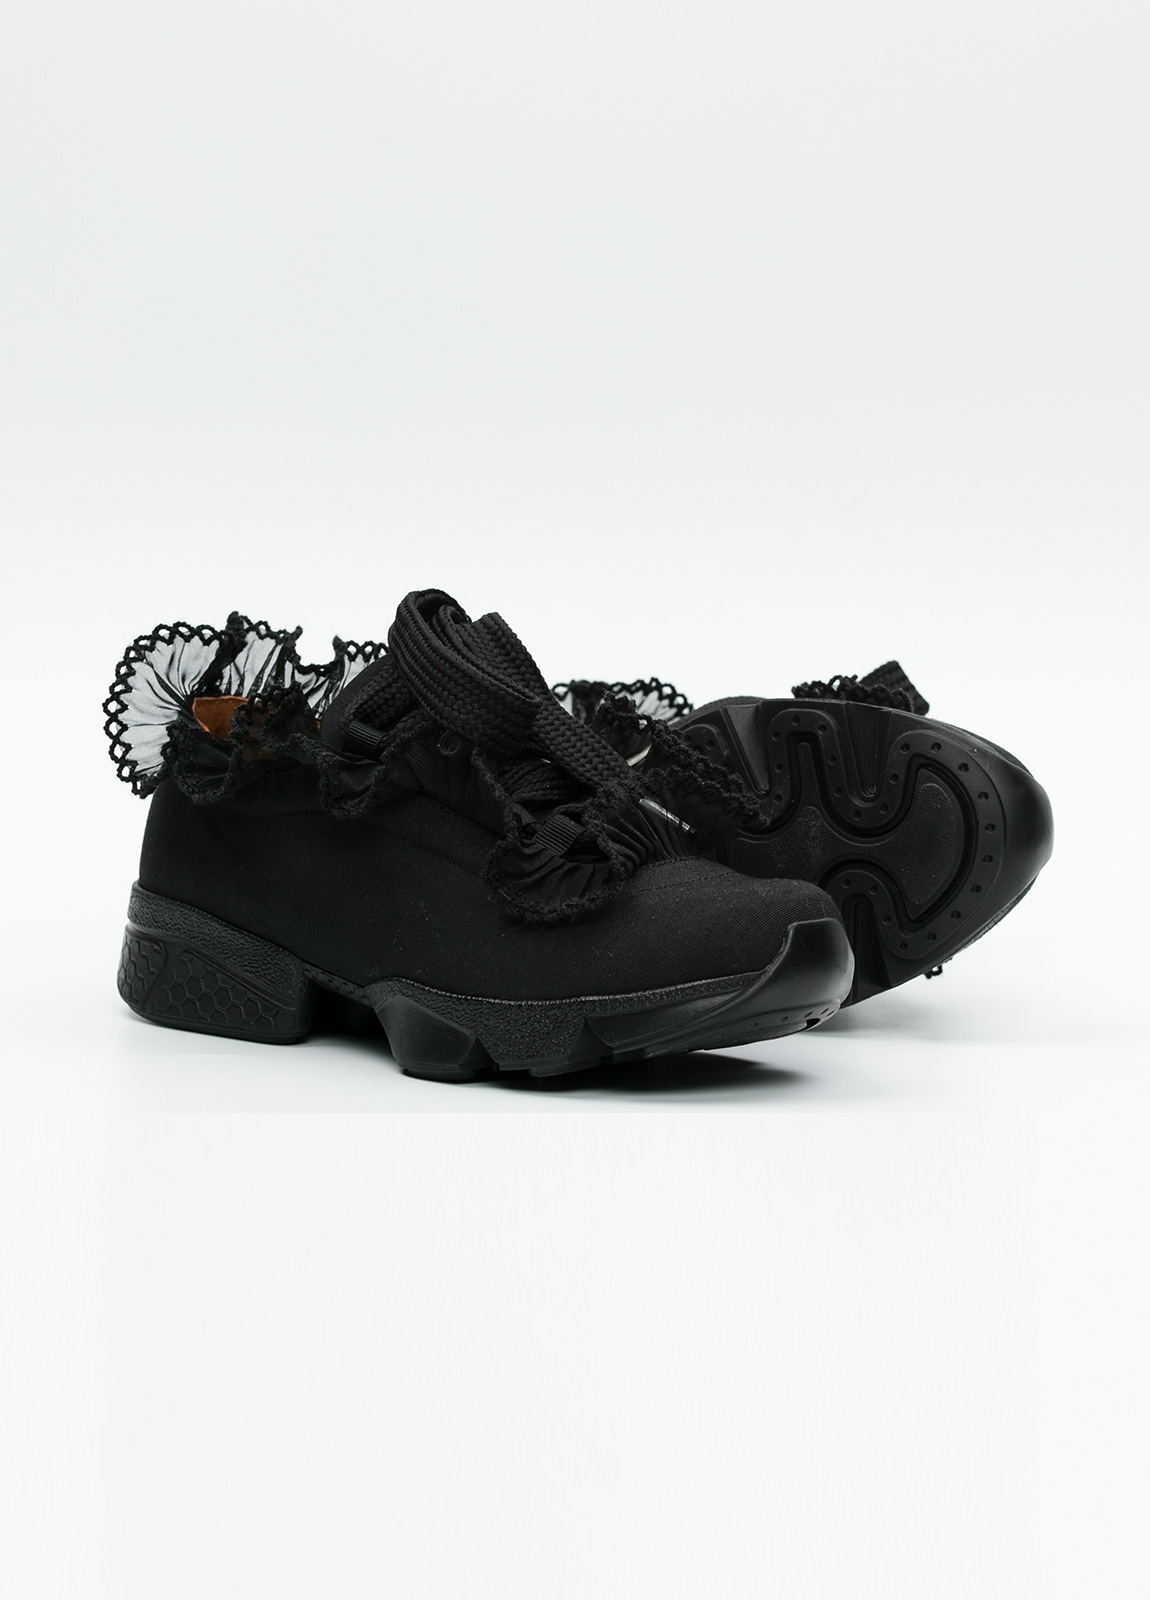 Calzado sport woman color negro cordones con detalle volantes. - Ítem2